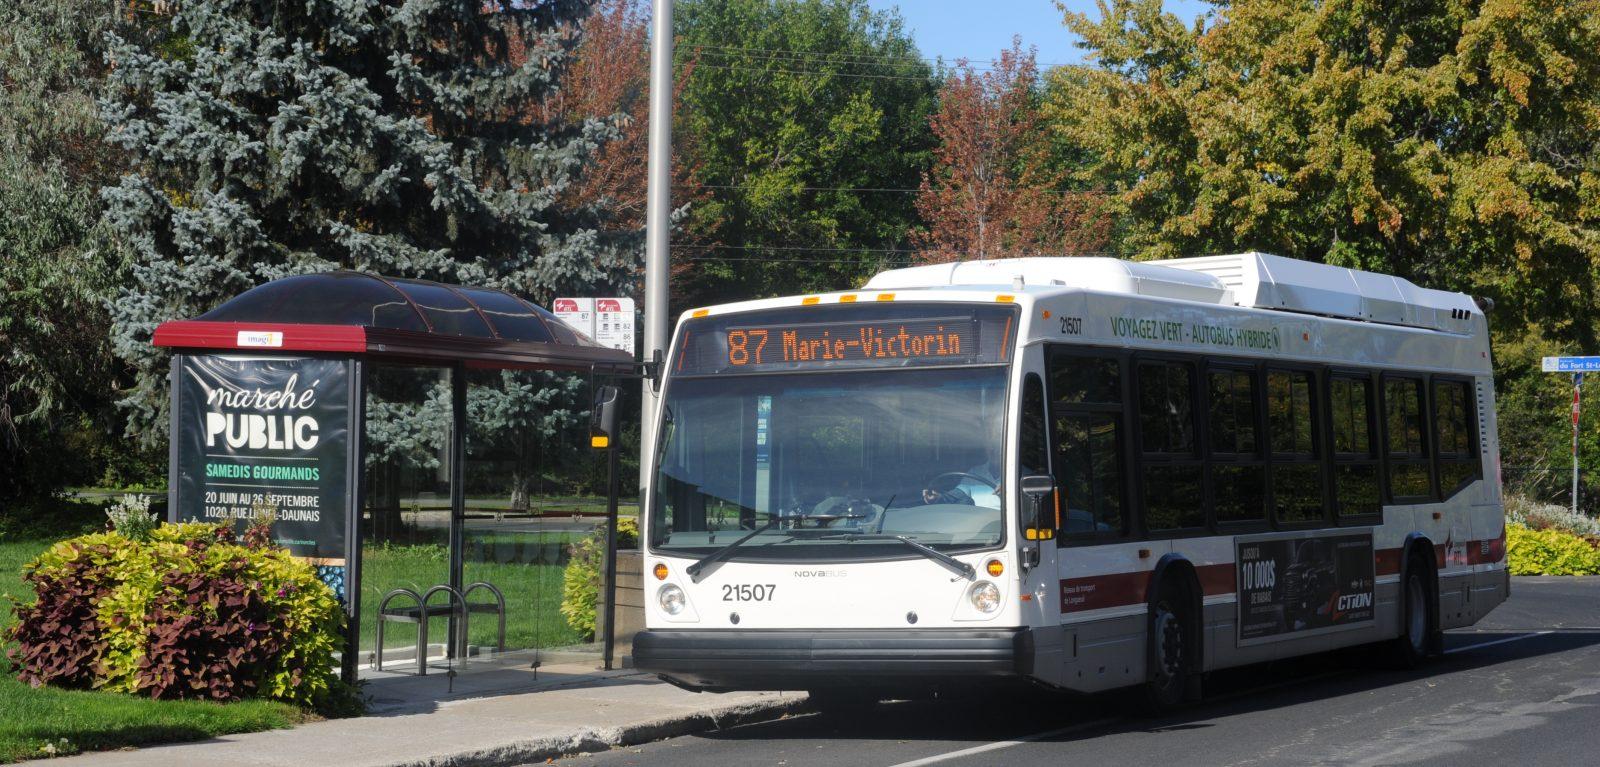 Transport en commun sur la Rive-Sud : il faut diversifier les sources de revenus et augmenter le financement, croit la Ville de Longueuil